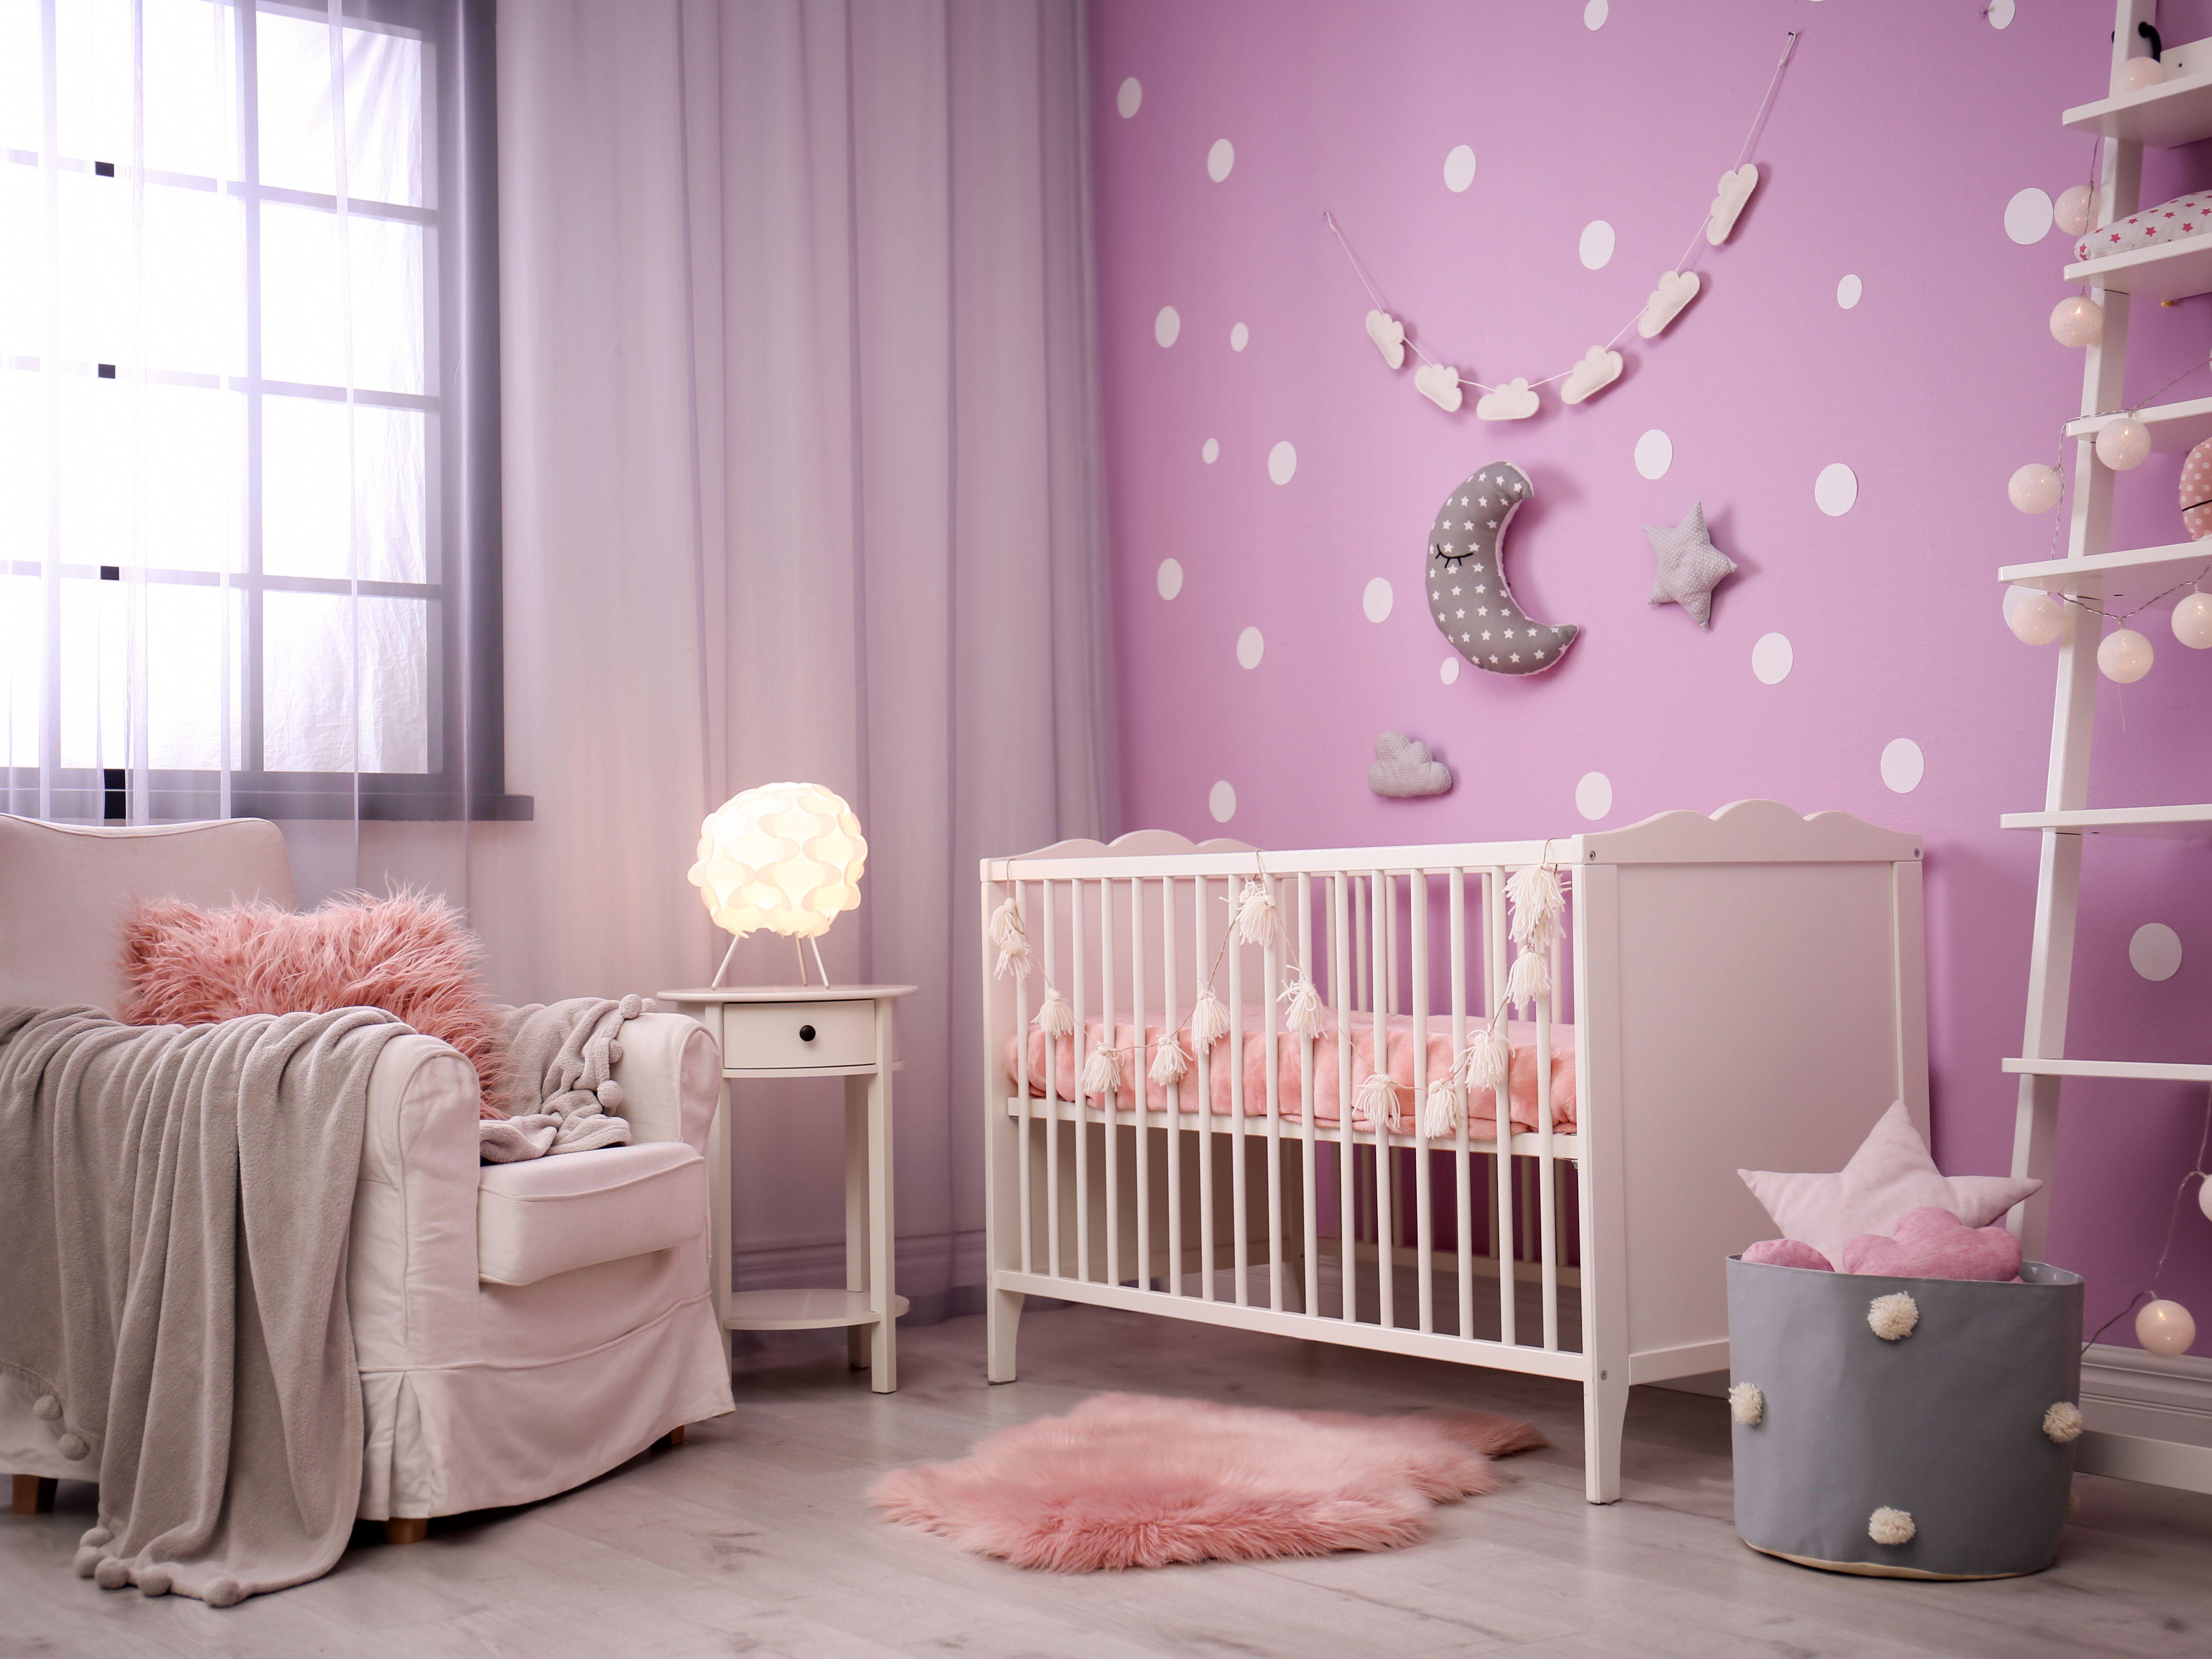 23 Creative Nursery Wall Ideas